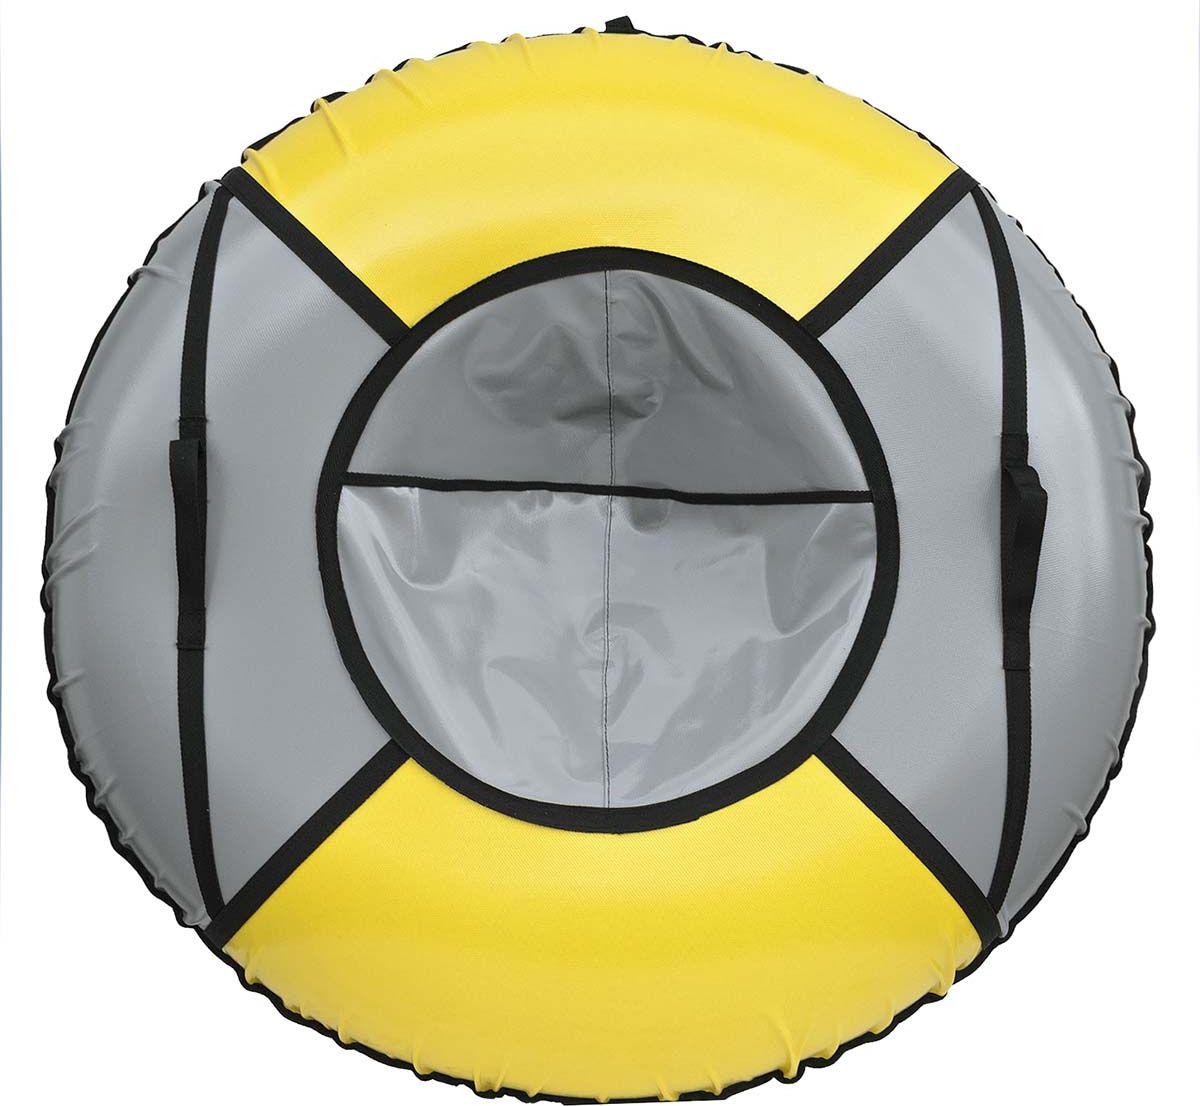 Тюбинг Эх, Прокачу! Профи-4, цвет: серый, желтый, диаметр 100 смСП100-4-3Качественные бюджетные санки-ватрушки для катания по снегу из 4 секций * размеры указаны в надутом состоянии * дно изготовлено из ткани ПВХ 630г/м2 * верх изготовлен из ткани ПВХ 630гр/м2 * камера российского производства * буксировочный ремень * морозоустойчивость -45 * допускается деформация формы санок из-за неравномерности надутия камеры